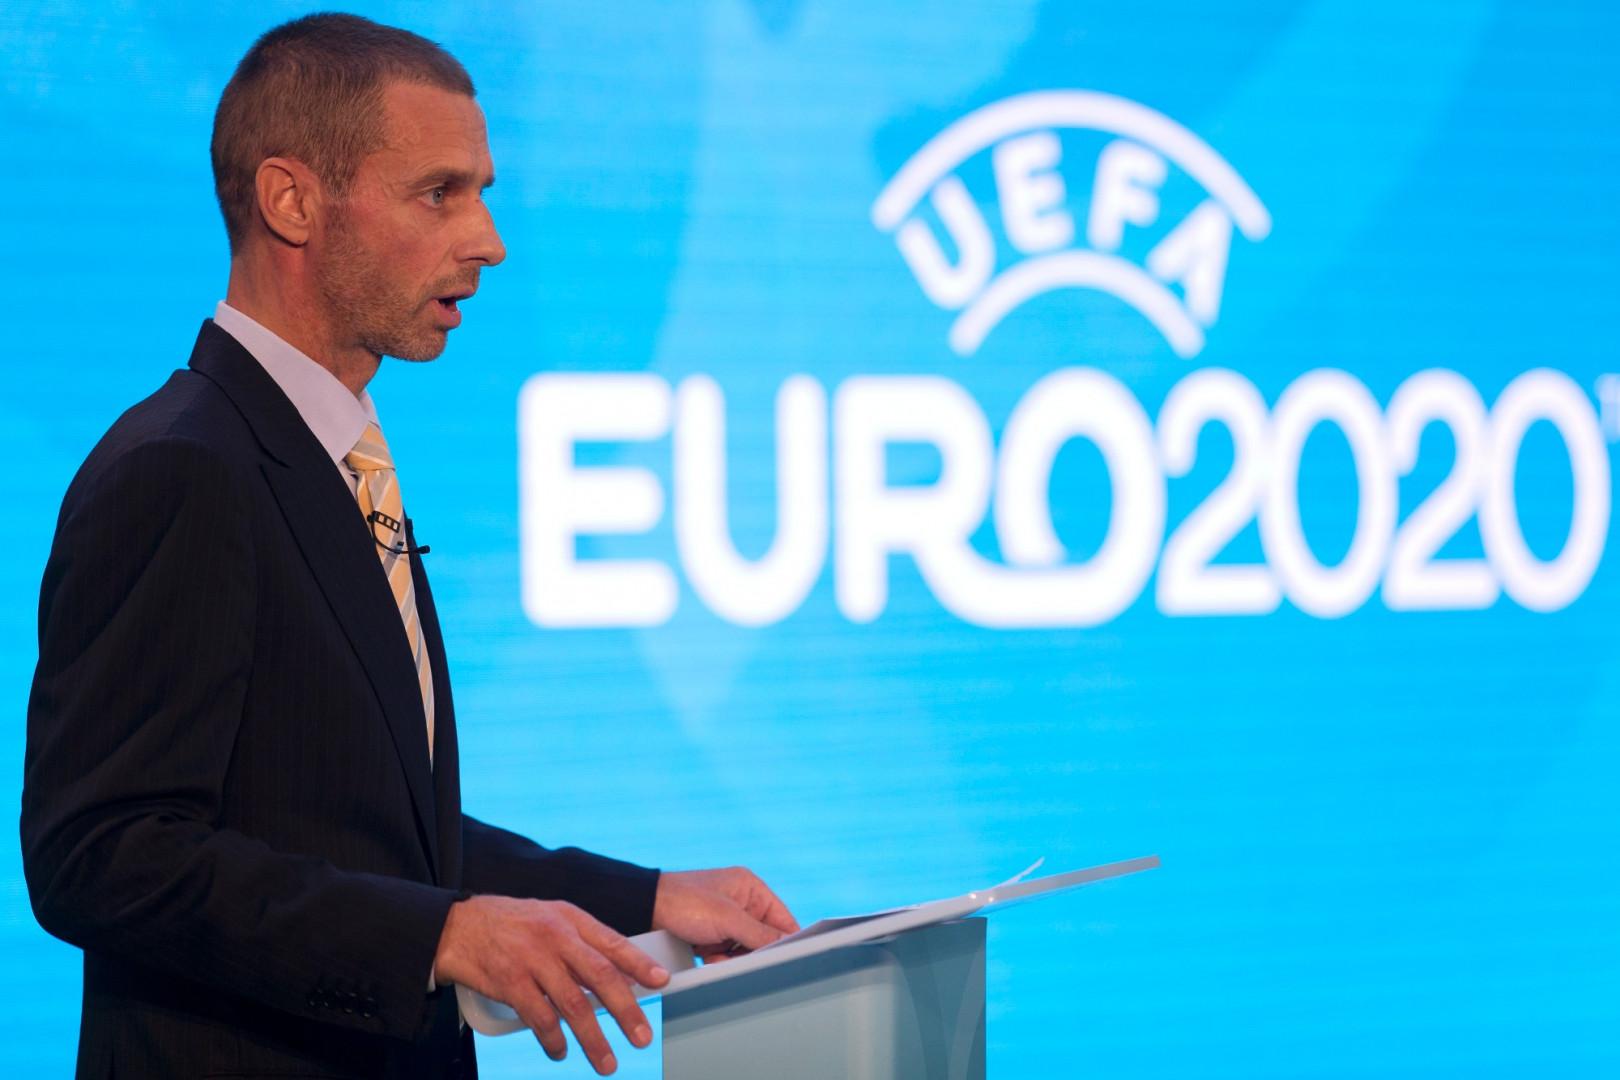 17 mars 2020 : le président de l'Uefa Aleksander Ceferin officialise le report de l'Euro à 2021